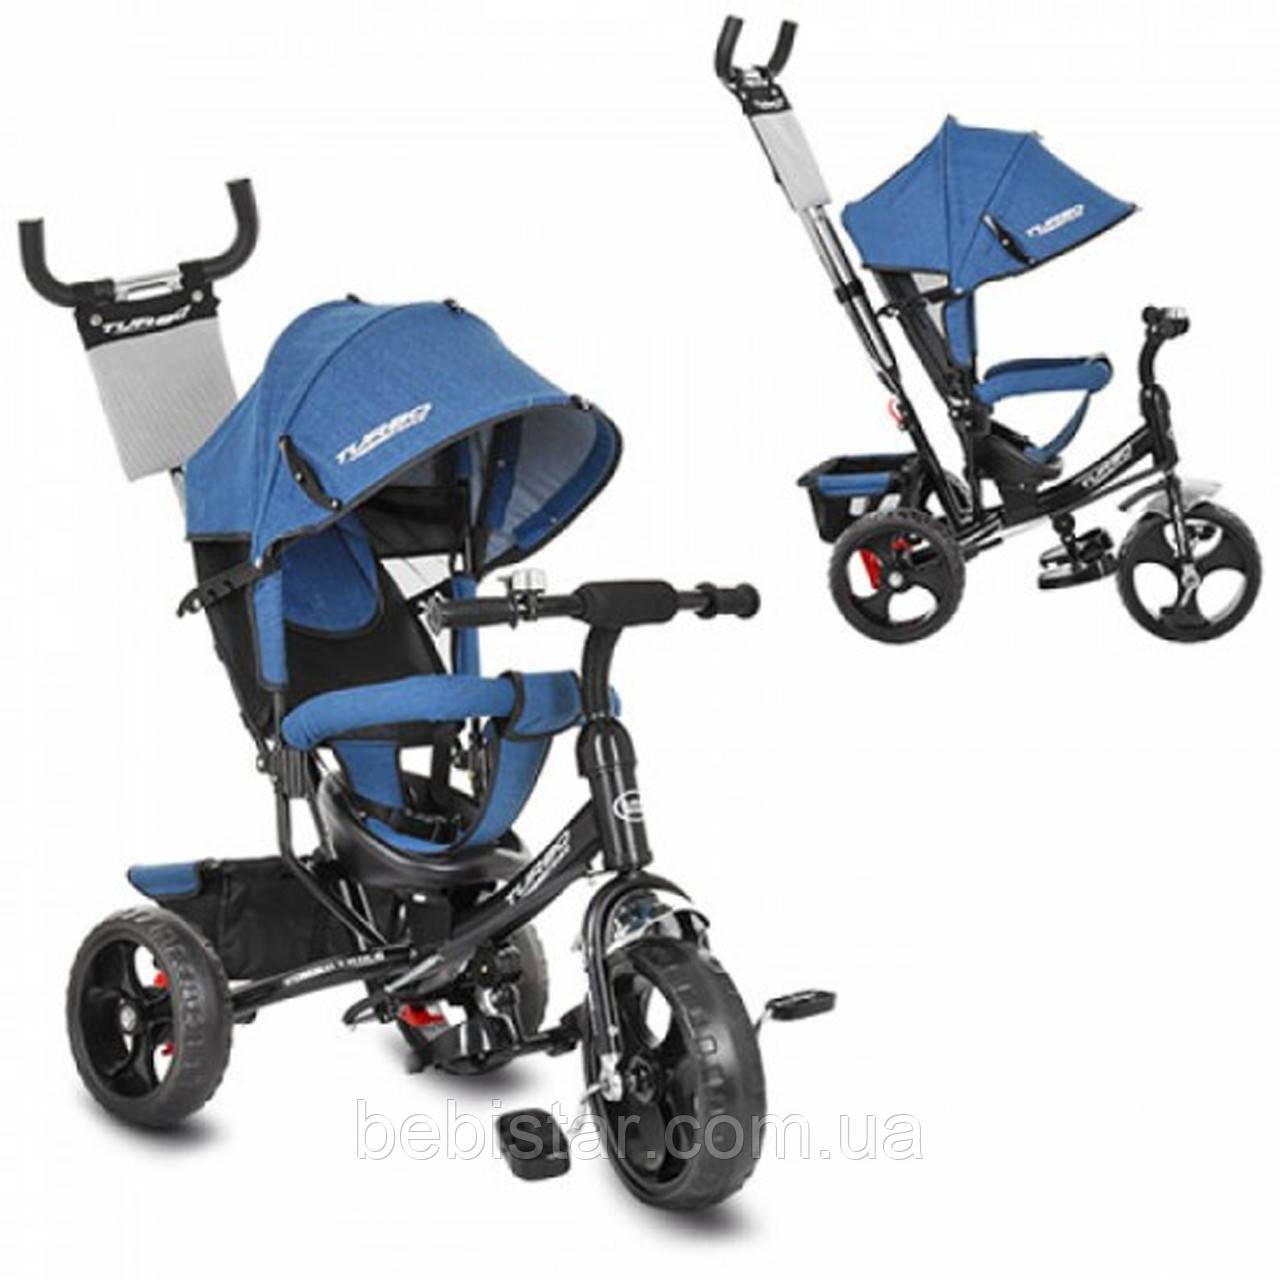 """Детский трехколесный велосипед """"Turbo Trike цвет: джинс"""